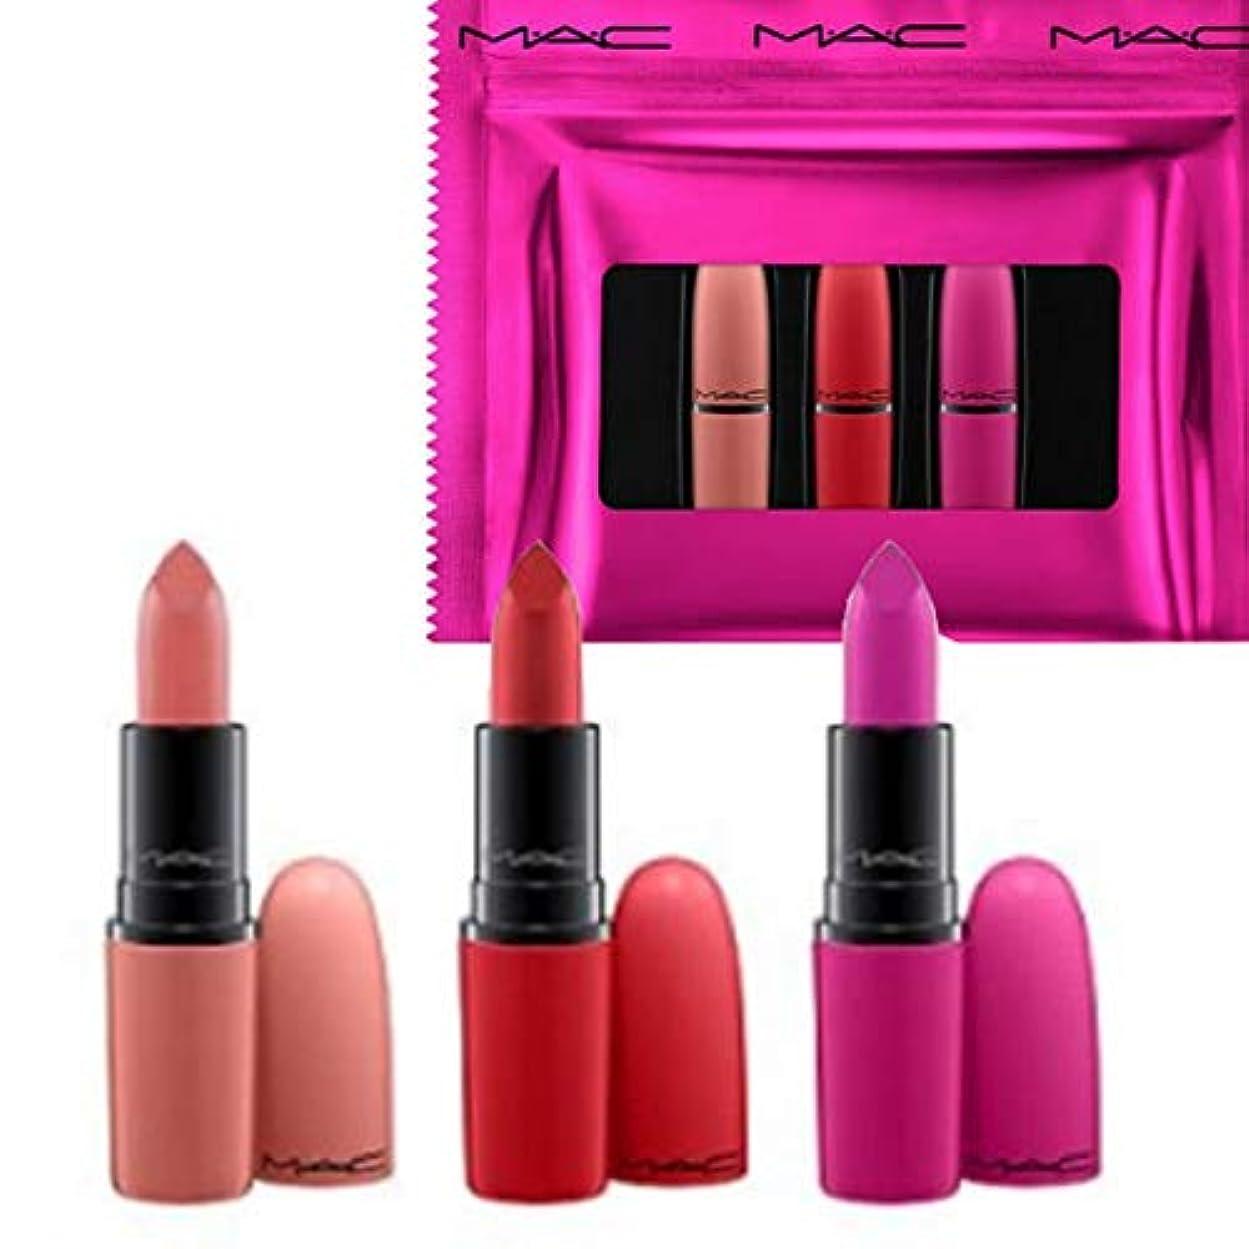 敬アドバンテージにんじんM.A.C ?マック, Limited Edition 限定版, 3-Pc. Shiny Pretty Things Lip Set - Russian Red/Kinda Sexy/Flat Out Fabulous...